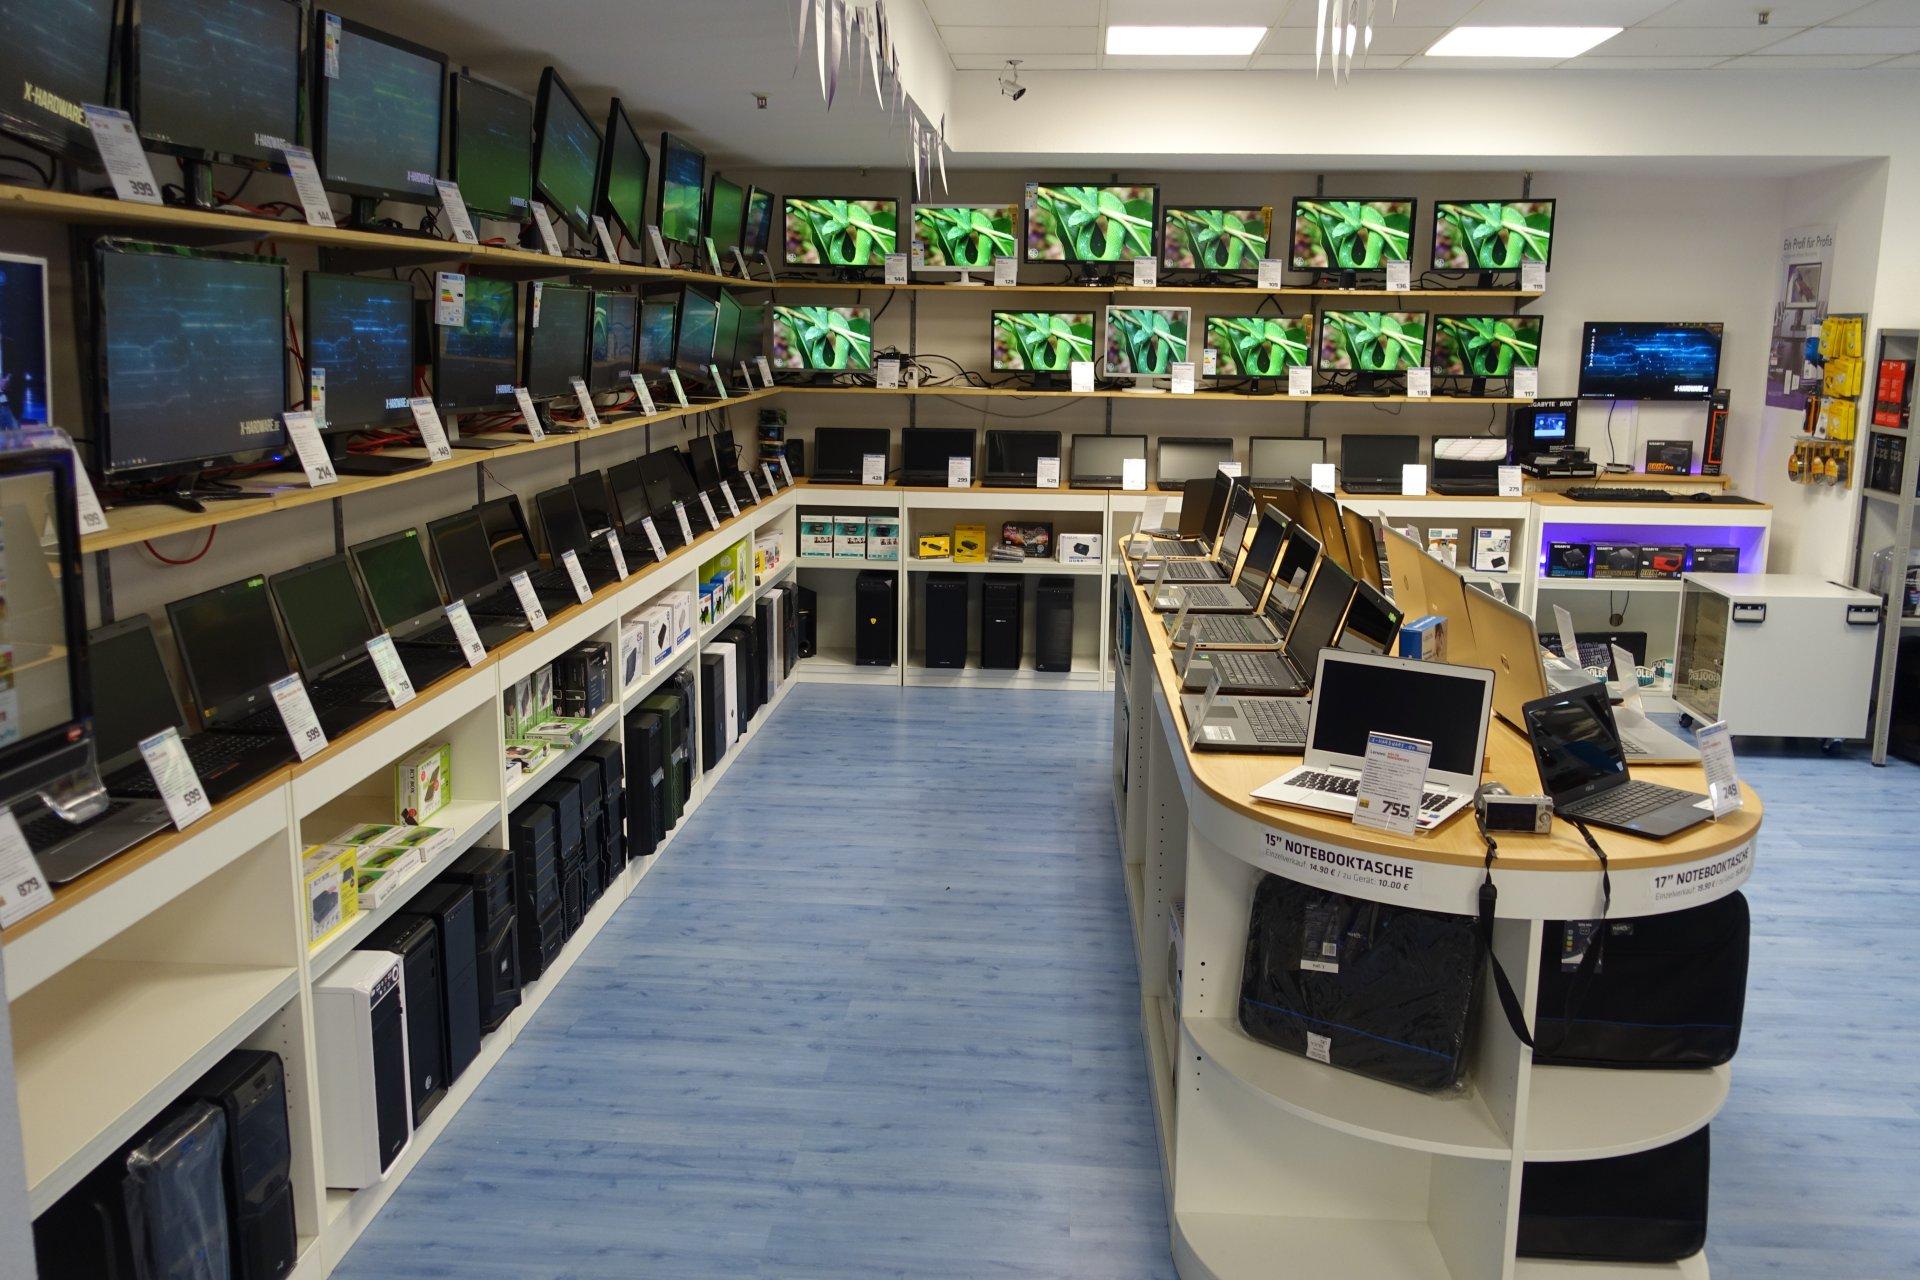 Laufzeittest mit fast 40 Monitoren und eingen PCs bei X-Hardware in Chemnitz